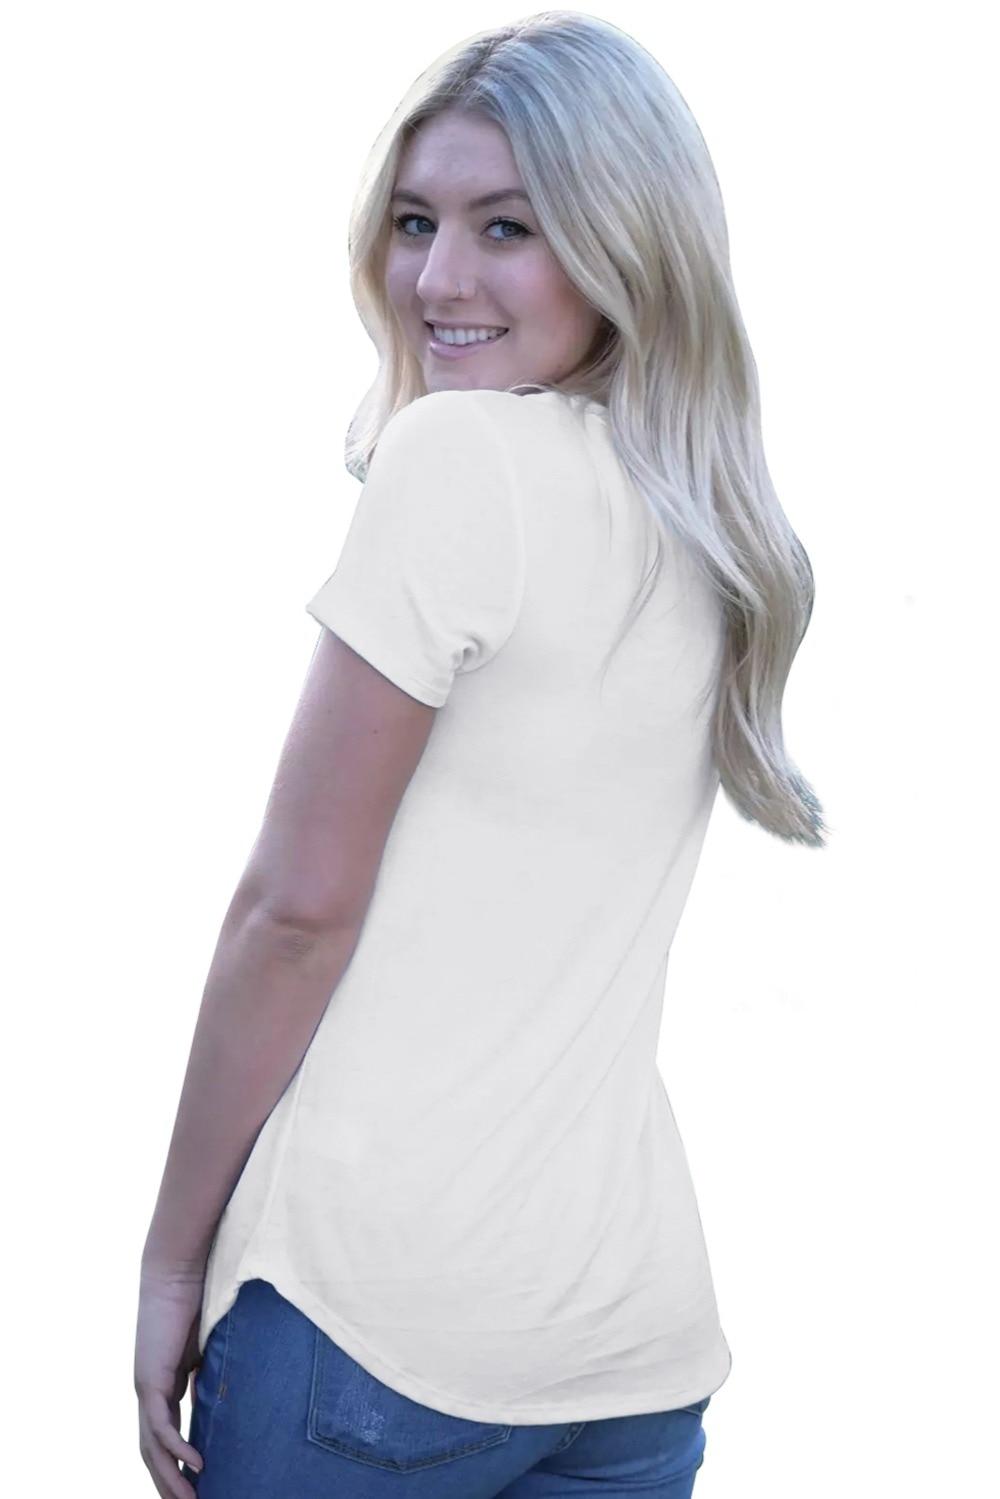 Zmvkgsoa Summer Casual Female Girls T-Shirt America Flag Eagle White Daily T Shirt Femme 2018 Blusas Tshirt For Women V2510910